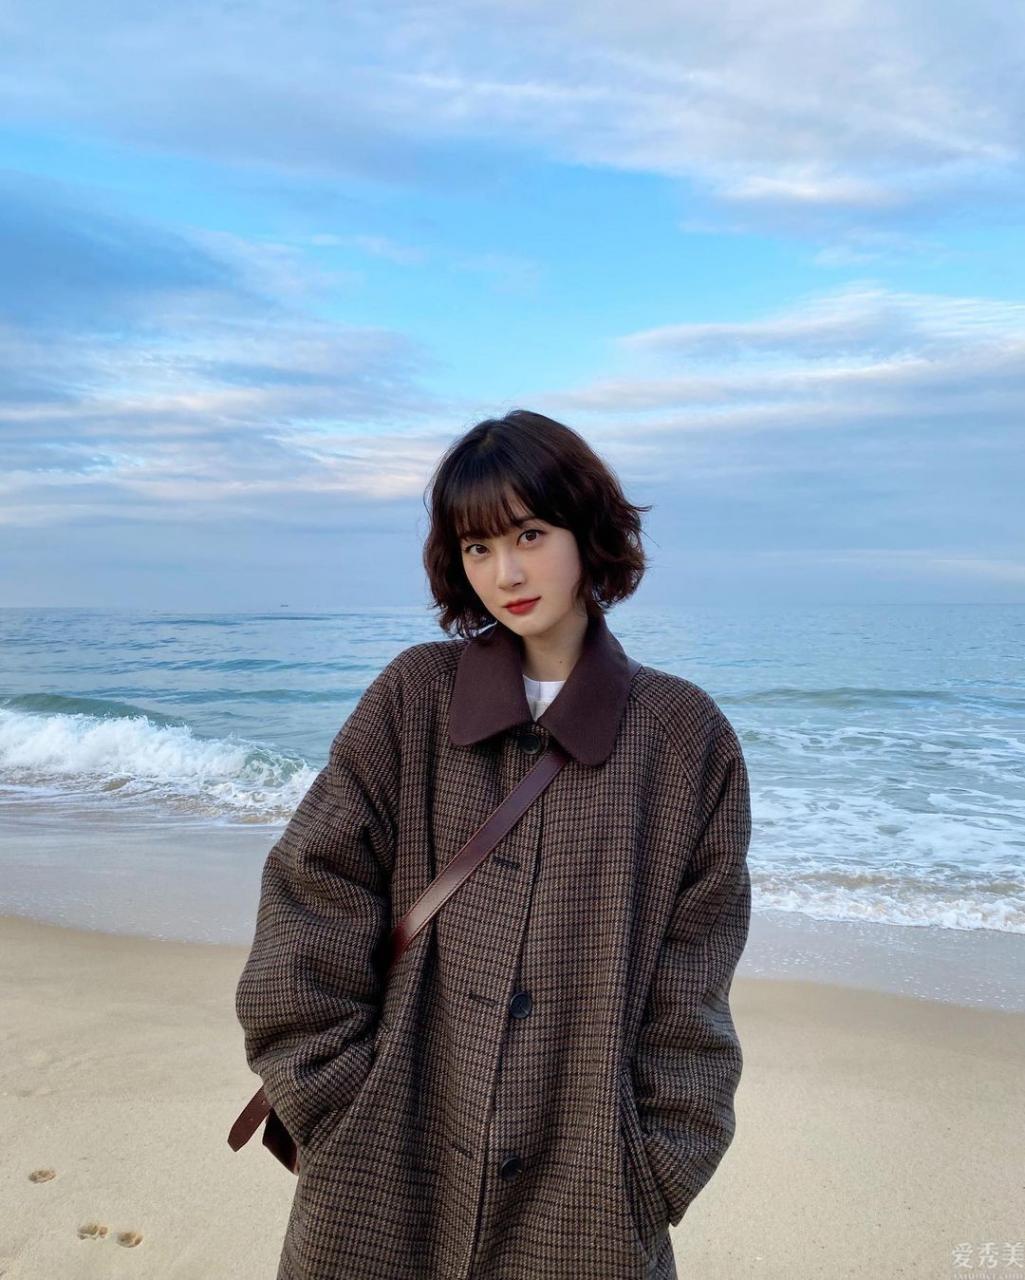 """矮個子的女孩,如何操控長大衣?剖析7套""""日系穿搭"""",沖著穿驚艷"""